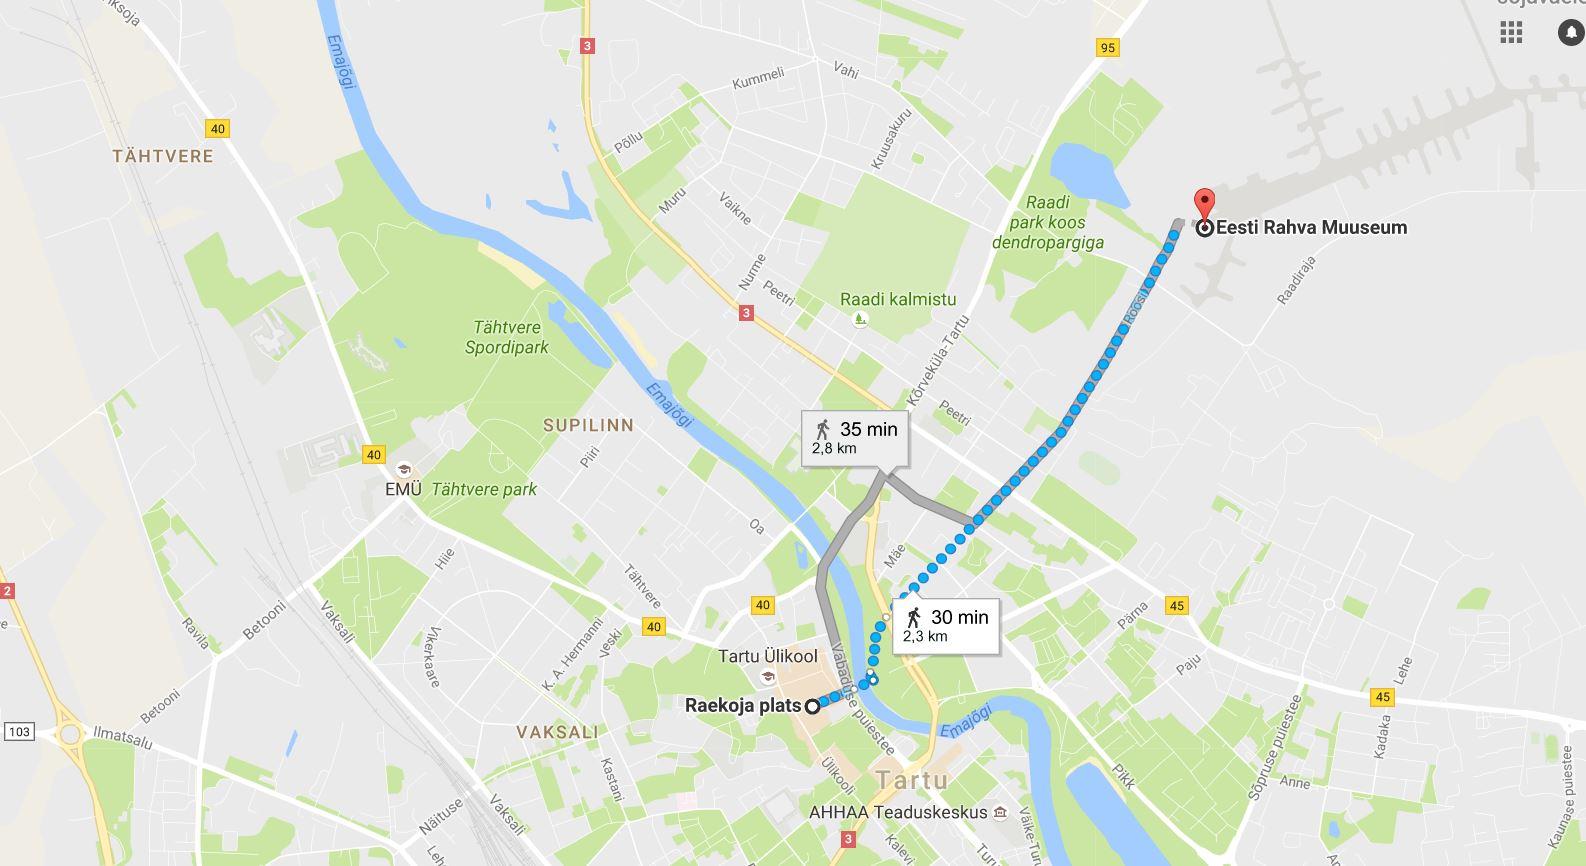 jalgsi-marsruut-tartu-raekoja-platsilt-eesti-rahva-muuseumisse